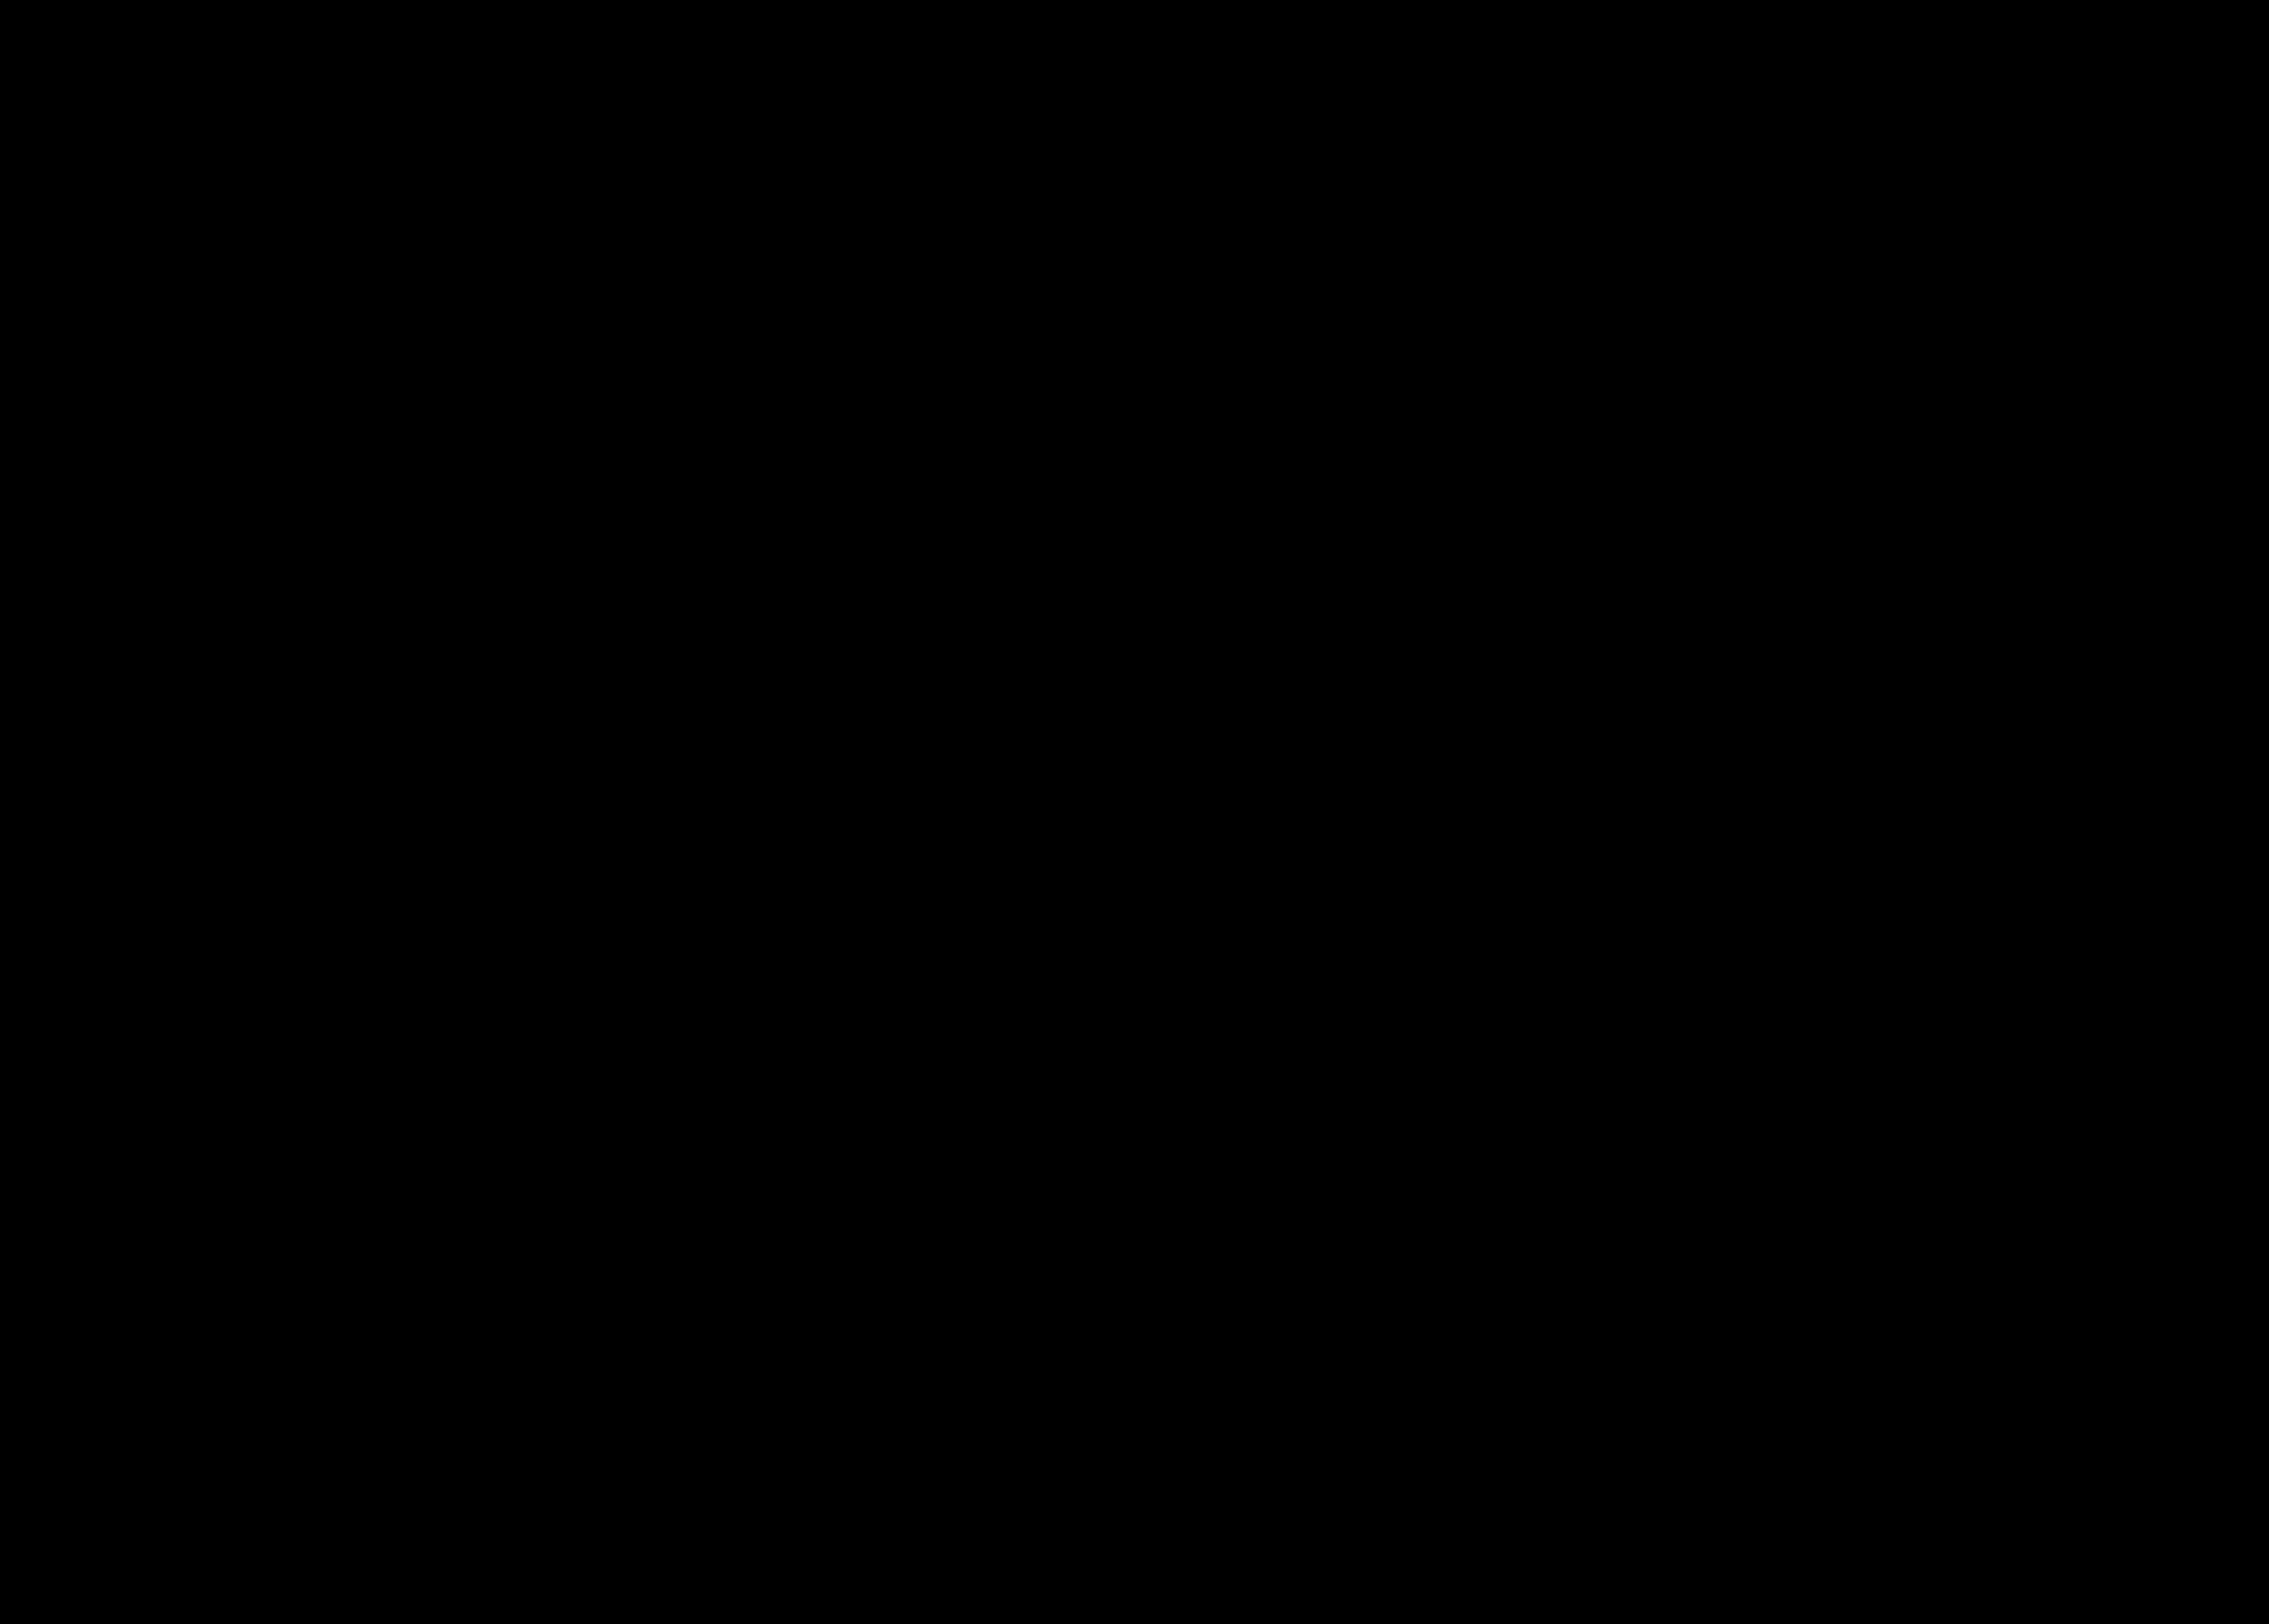 Het ontwerp voor heel Selwerd-Zuid. Hieronder vindt u een aantal details.